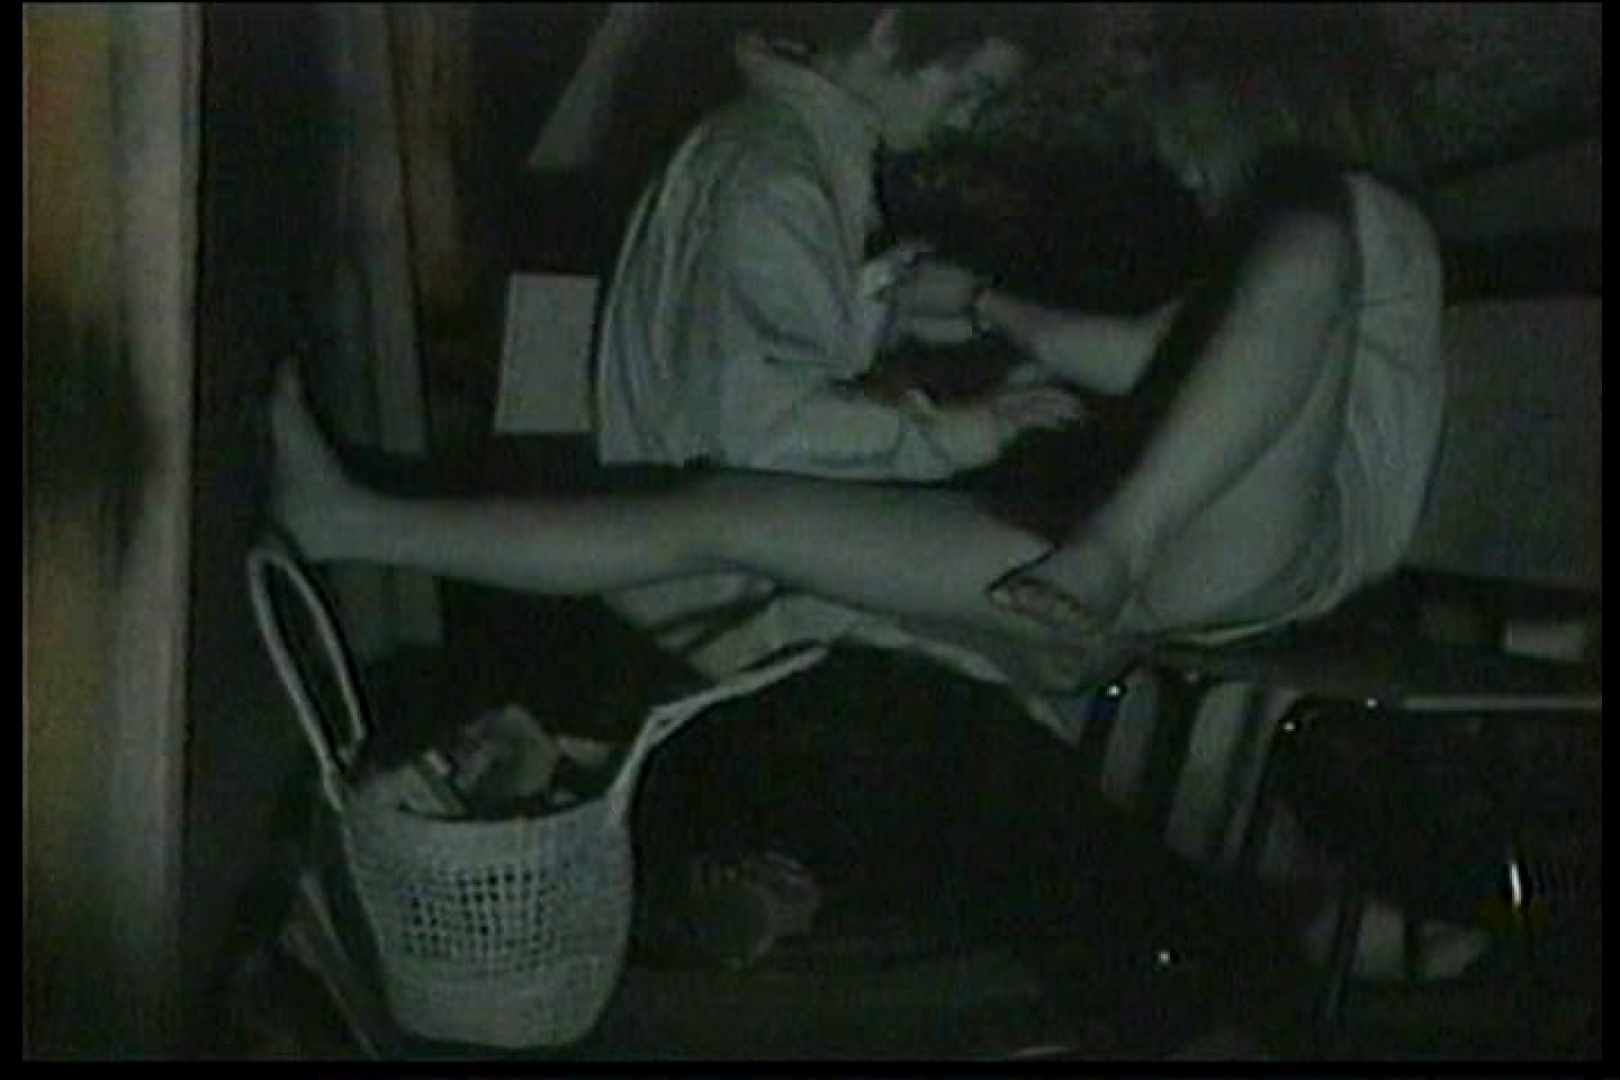 闇の仕掛け人 無修正版 Vol.16 カップルのセックス のぞき動画画像 78PIX 74